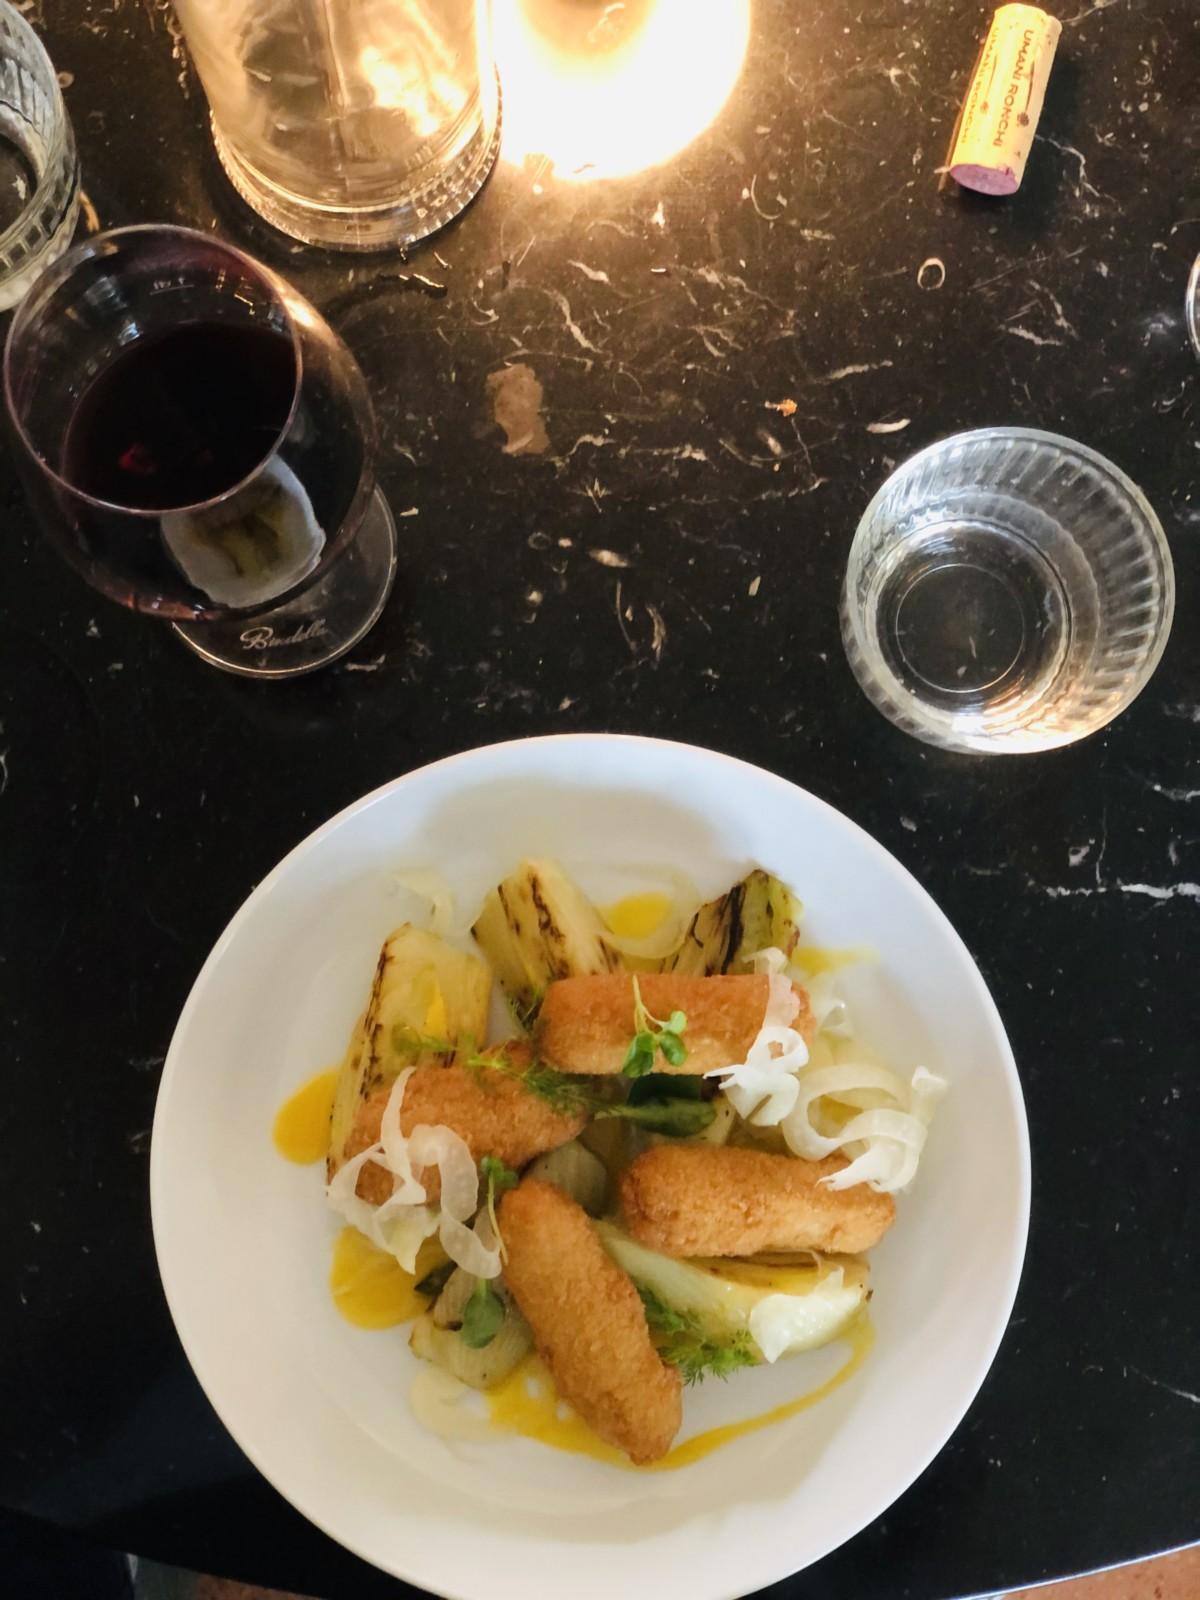 Rauchige vegane Kroketten mit geschmorrtem Fenchel - himmlisch!  Foto: Lunchgate/Daniel